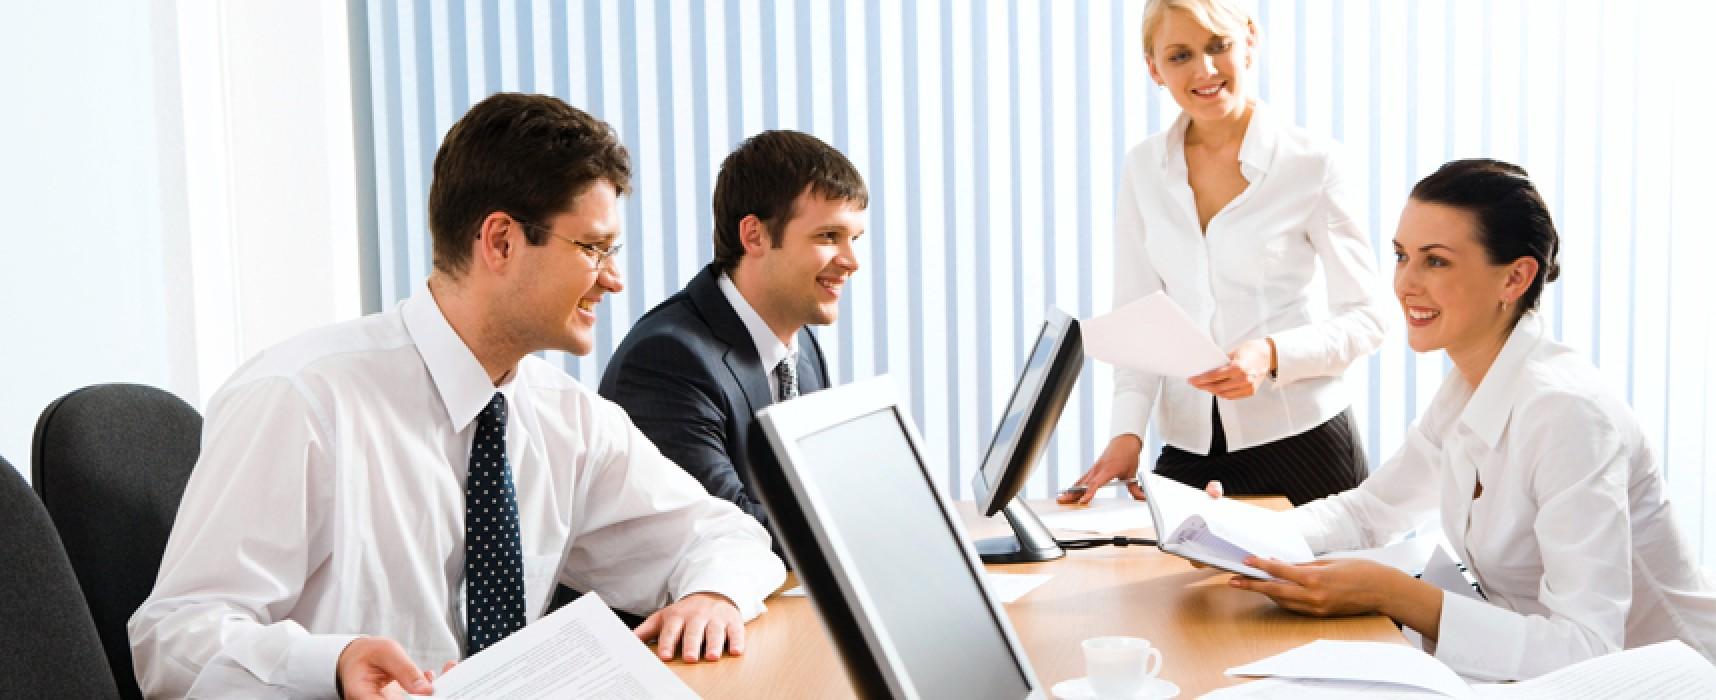 Costituita l'associazione degli imprenditori biscegliesi, obiettivo tutelare le imprese locali